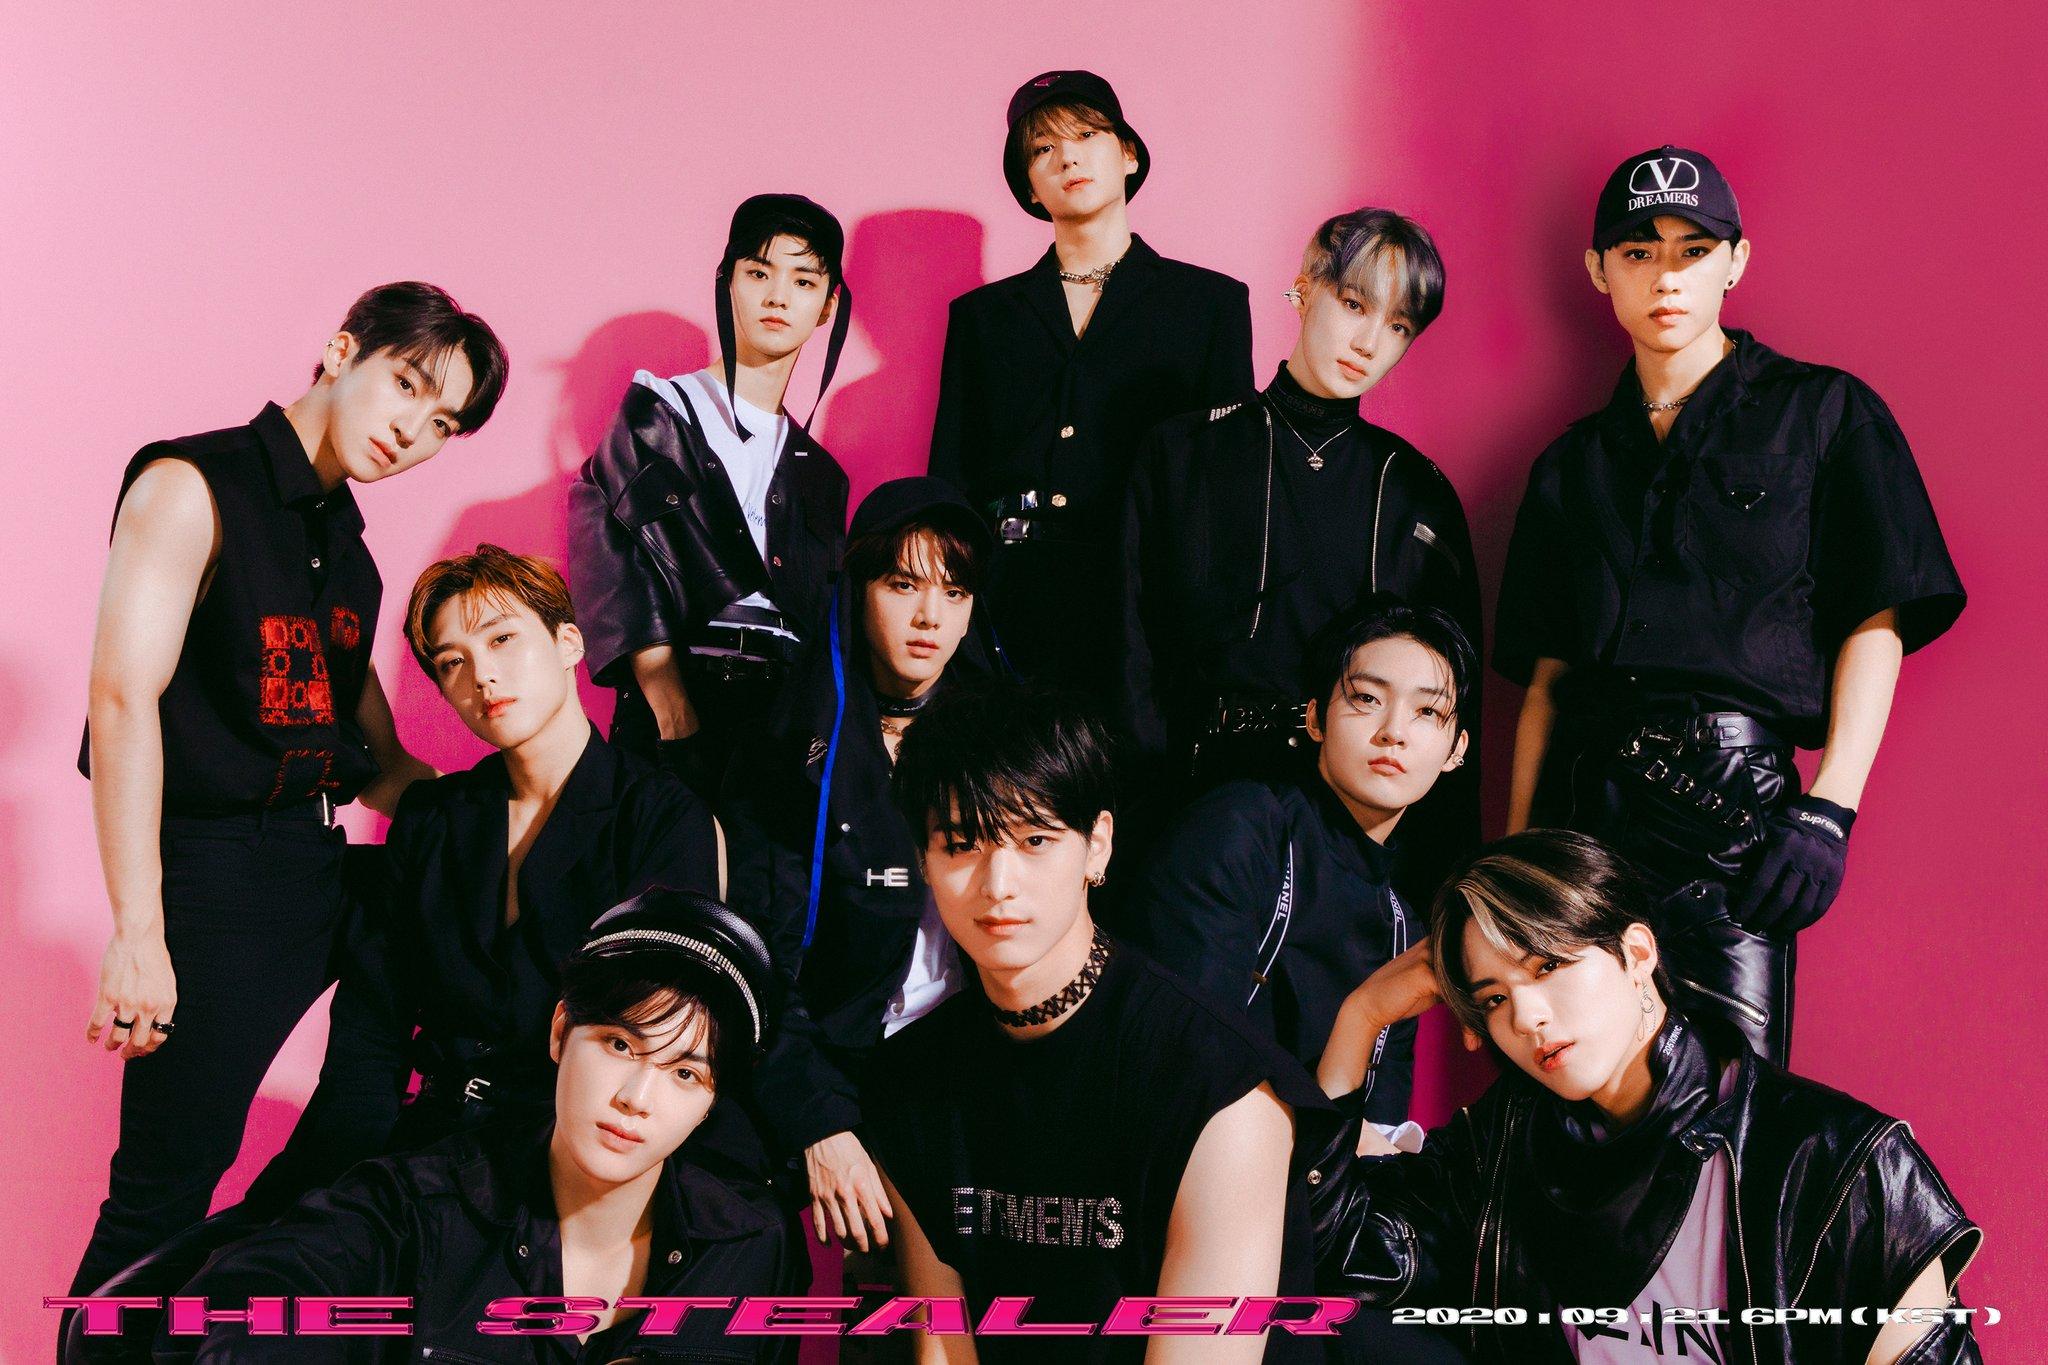 The Boyz 21